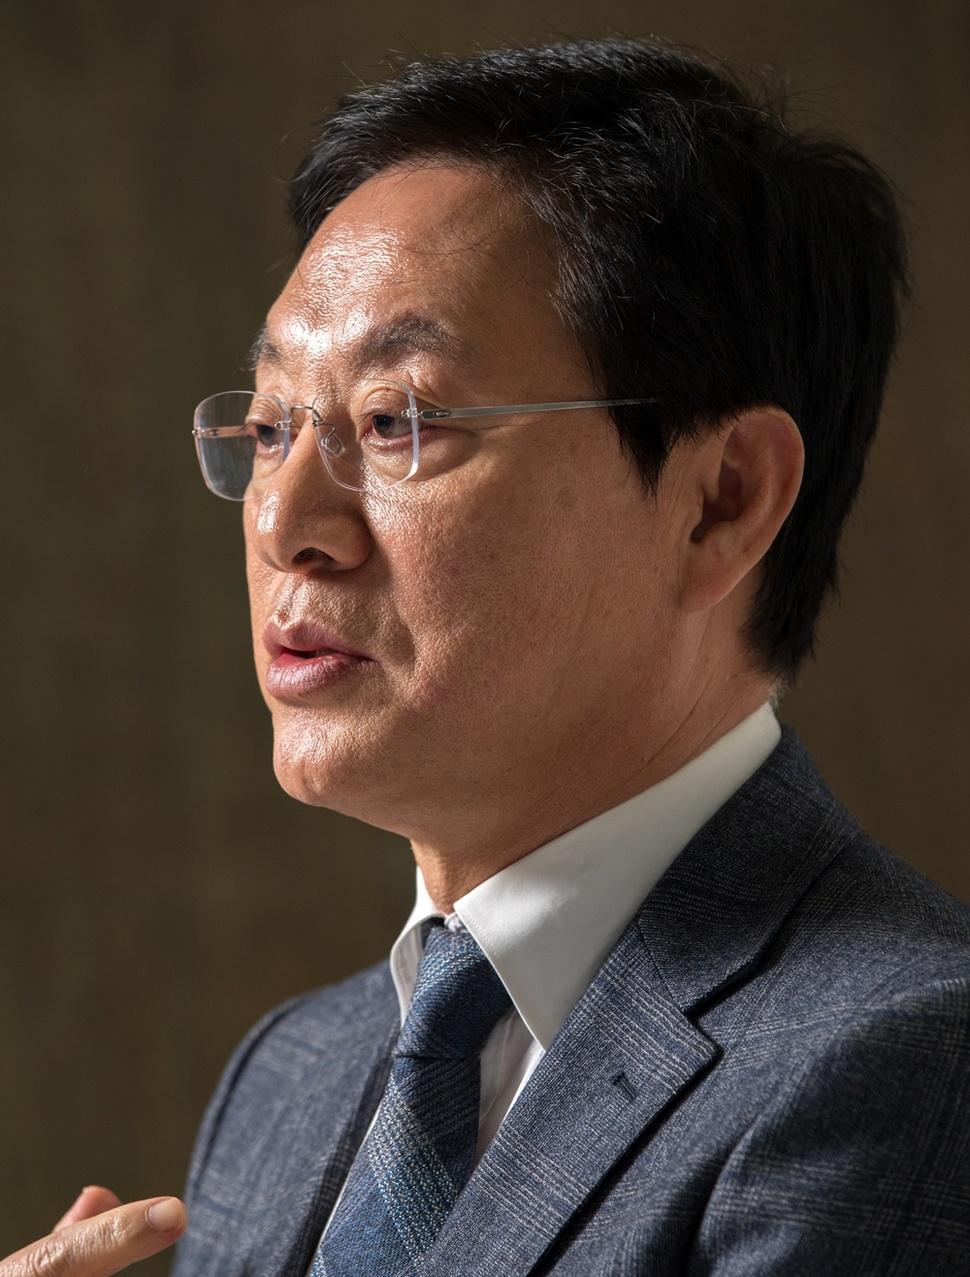 """정두언 """"MB, 대선 승리 뒤 가회동 전셋돈 반환 독촉"""" : 정치일반 : 정치 : 뉴스 : 한겨레"""